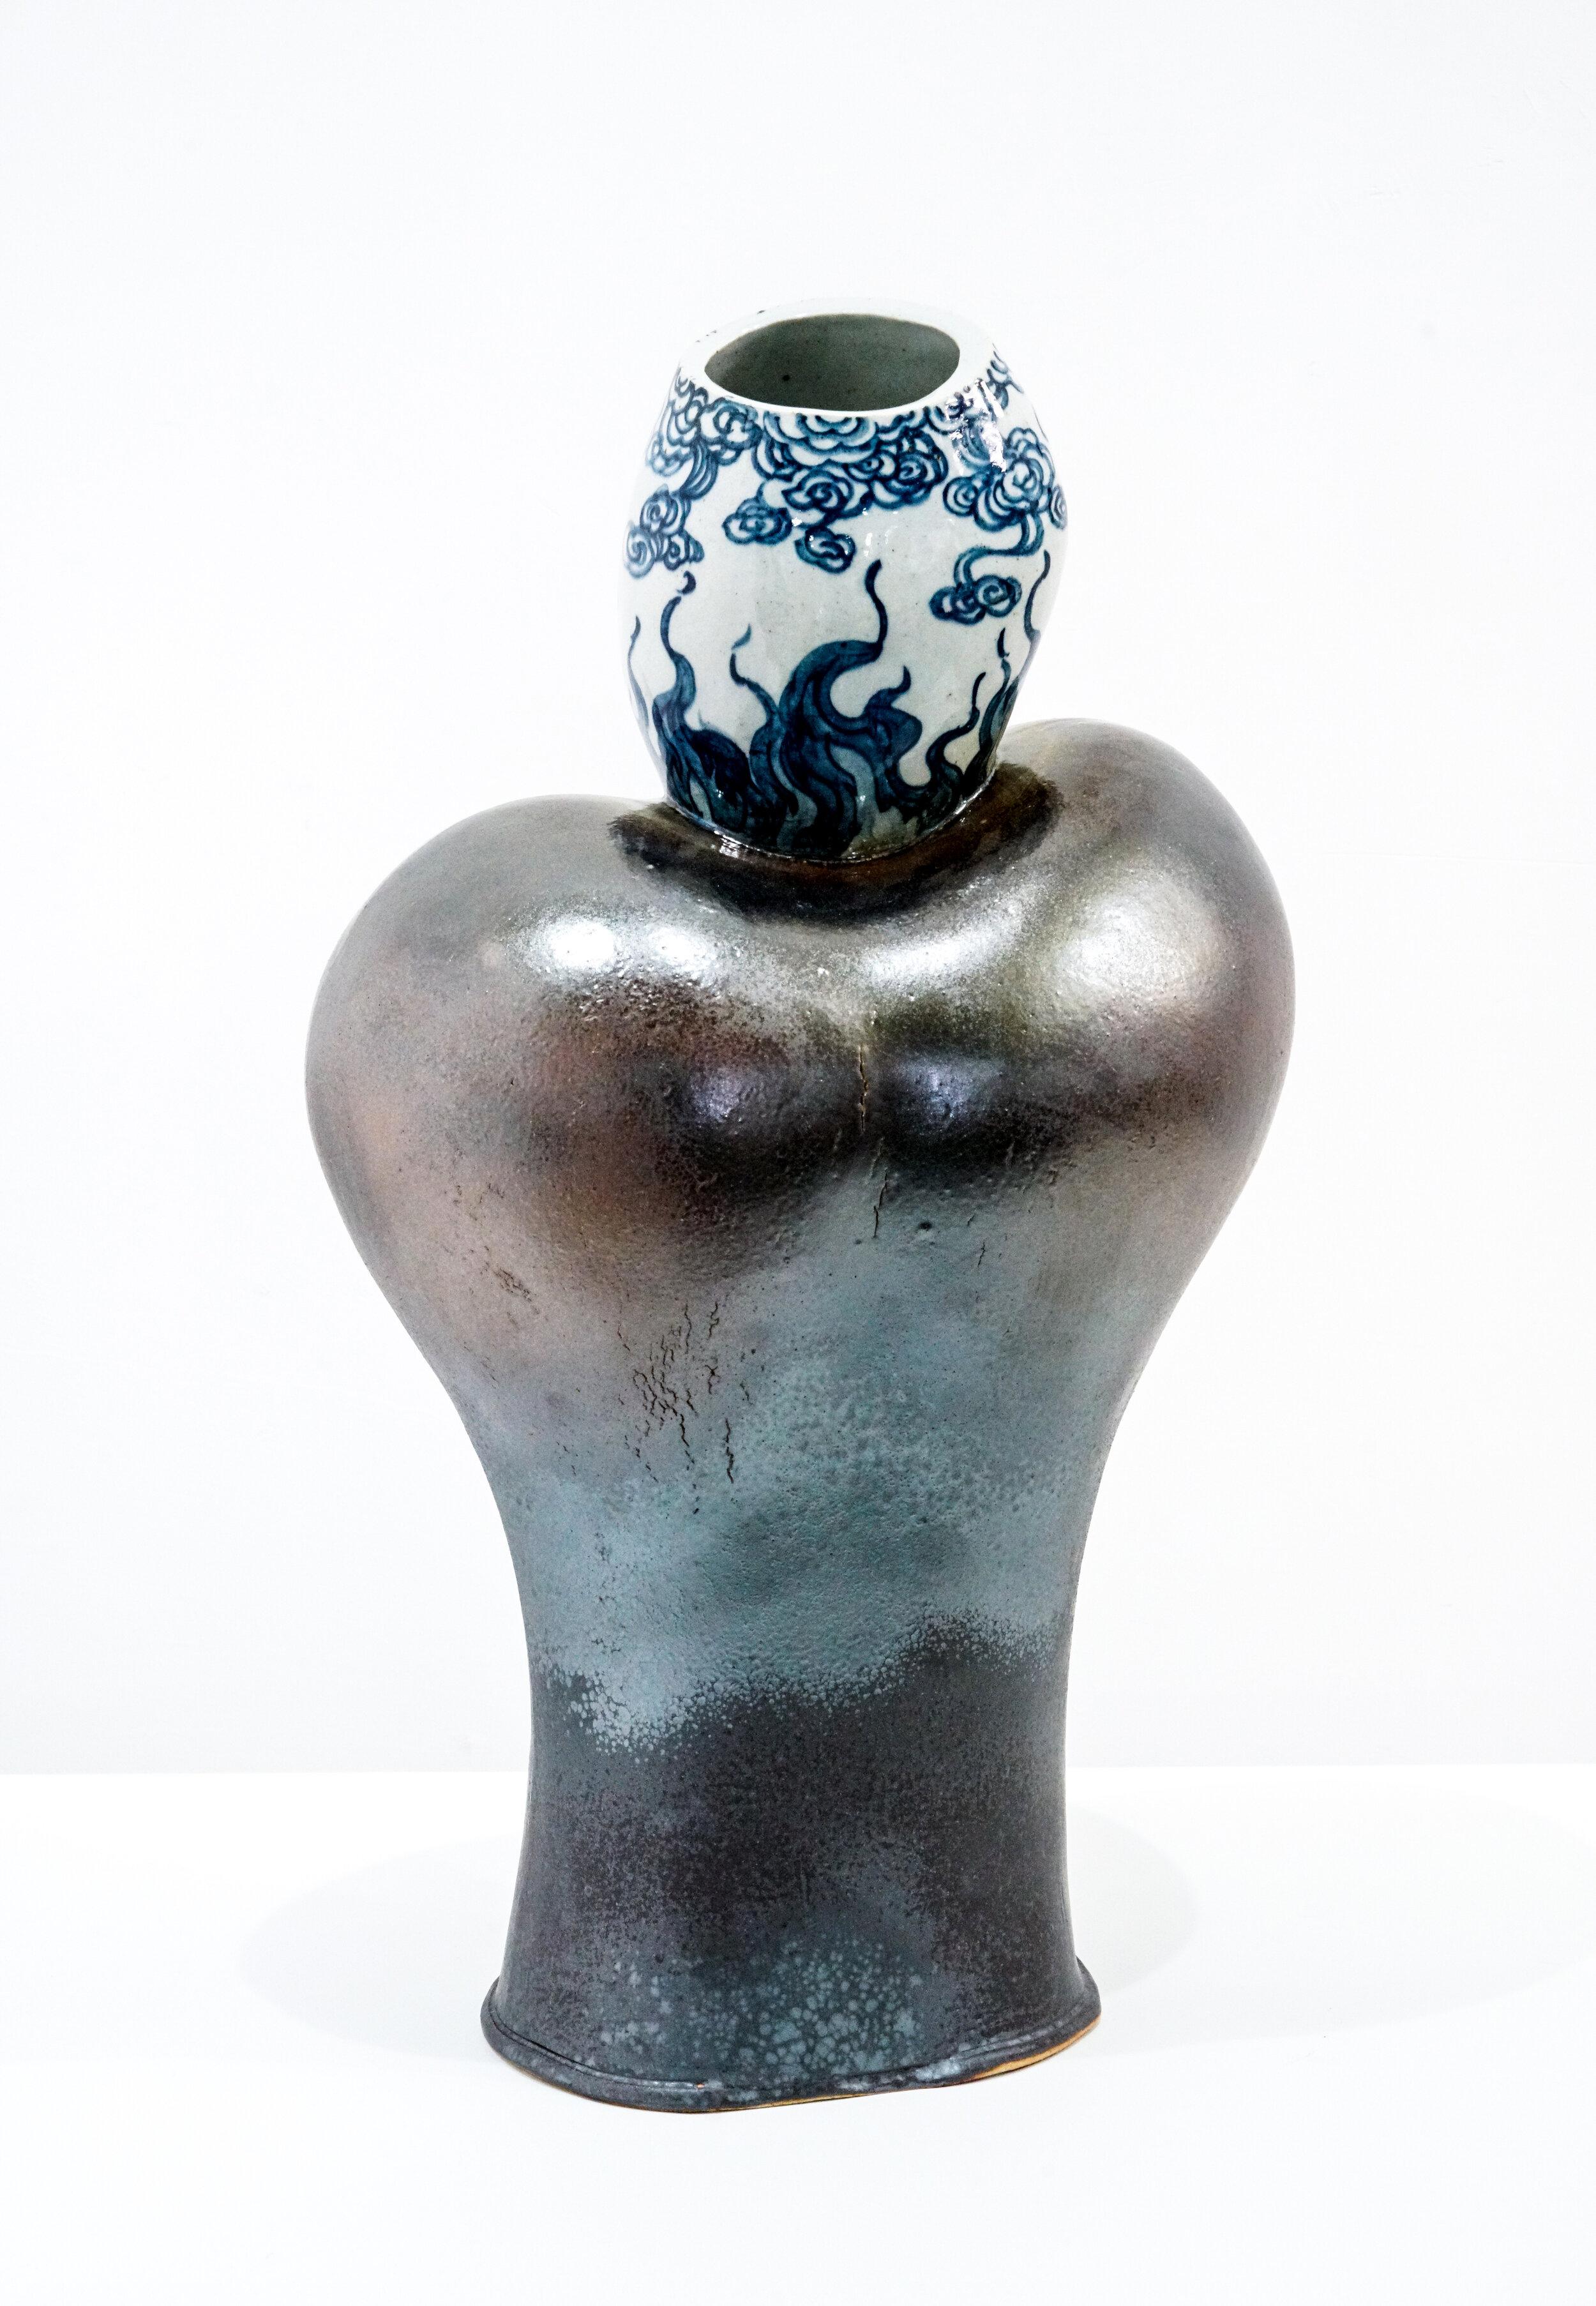 19-vase-01-4000.jpg